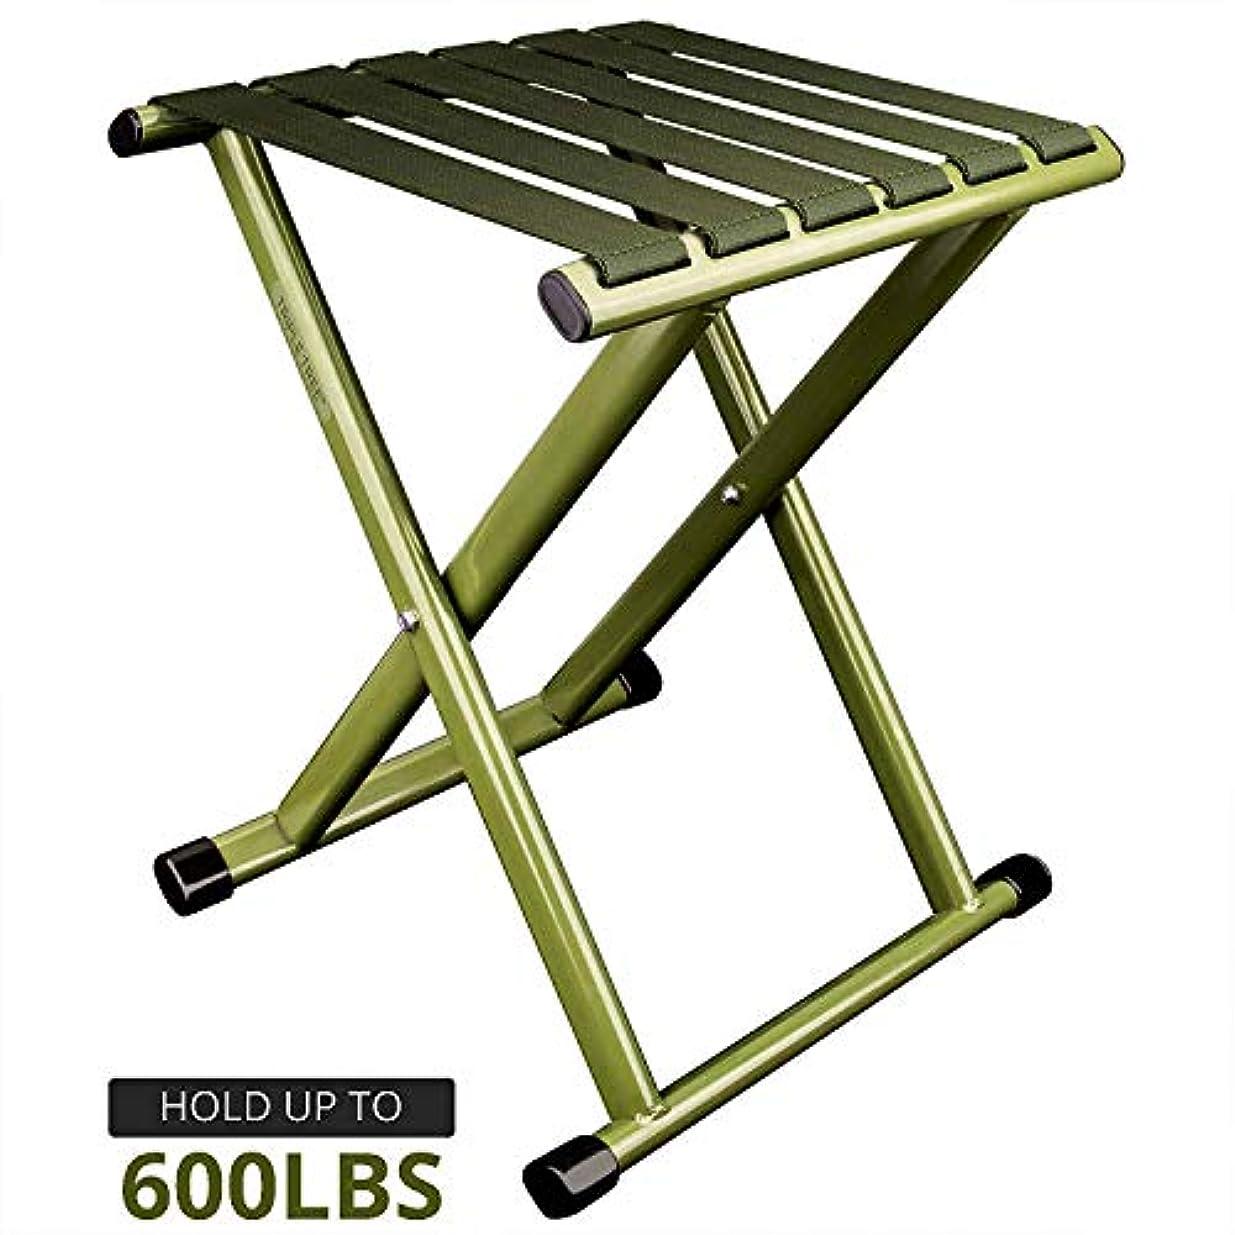 維持する腹父方のアウトドアチェア 折りたたみ椅子 耐荷重270kg 30x27.4 x36.3cm(LxWxH)、携帯便利 お釣り 登山 携帯便利 キャンプ椅子